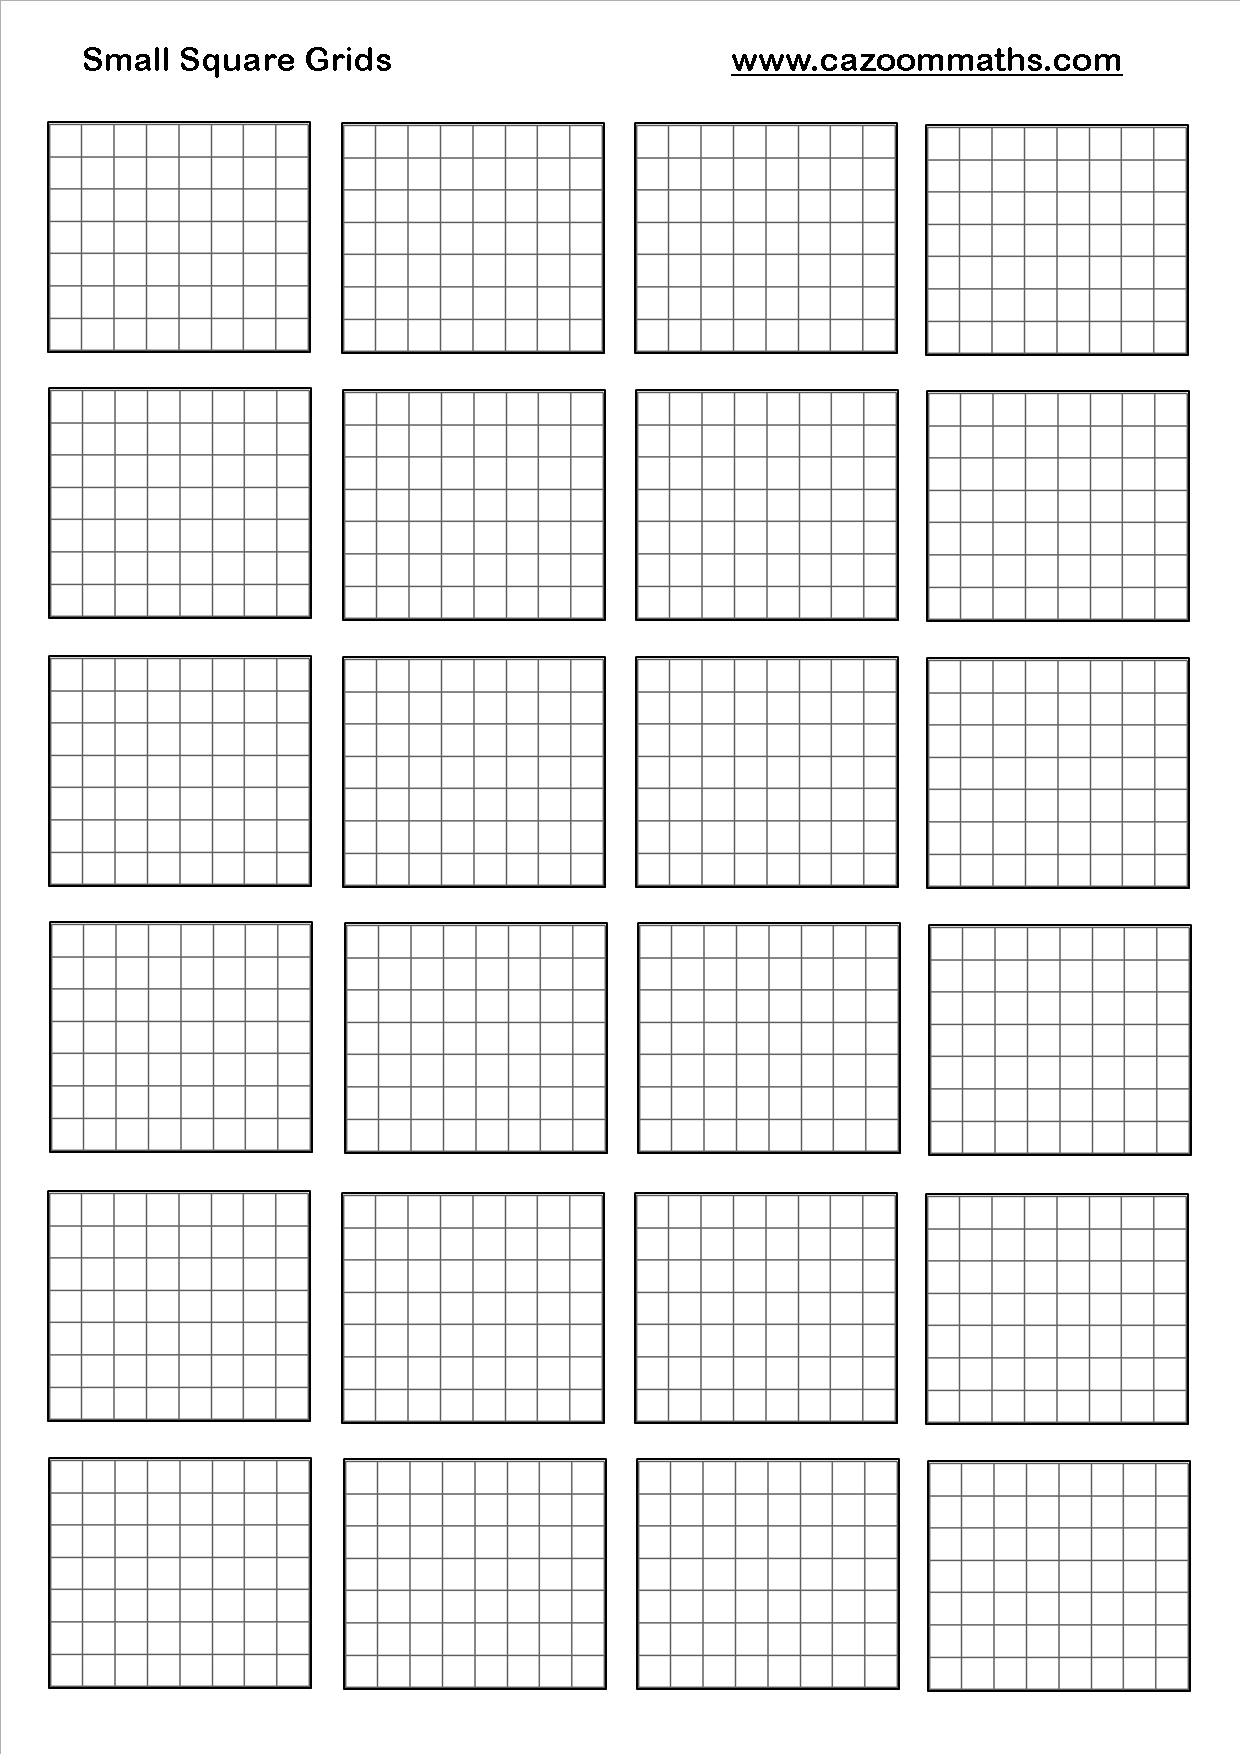 Small Square Grids